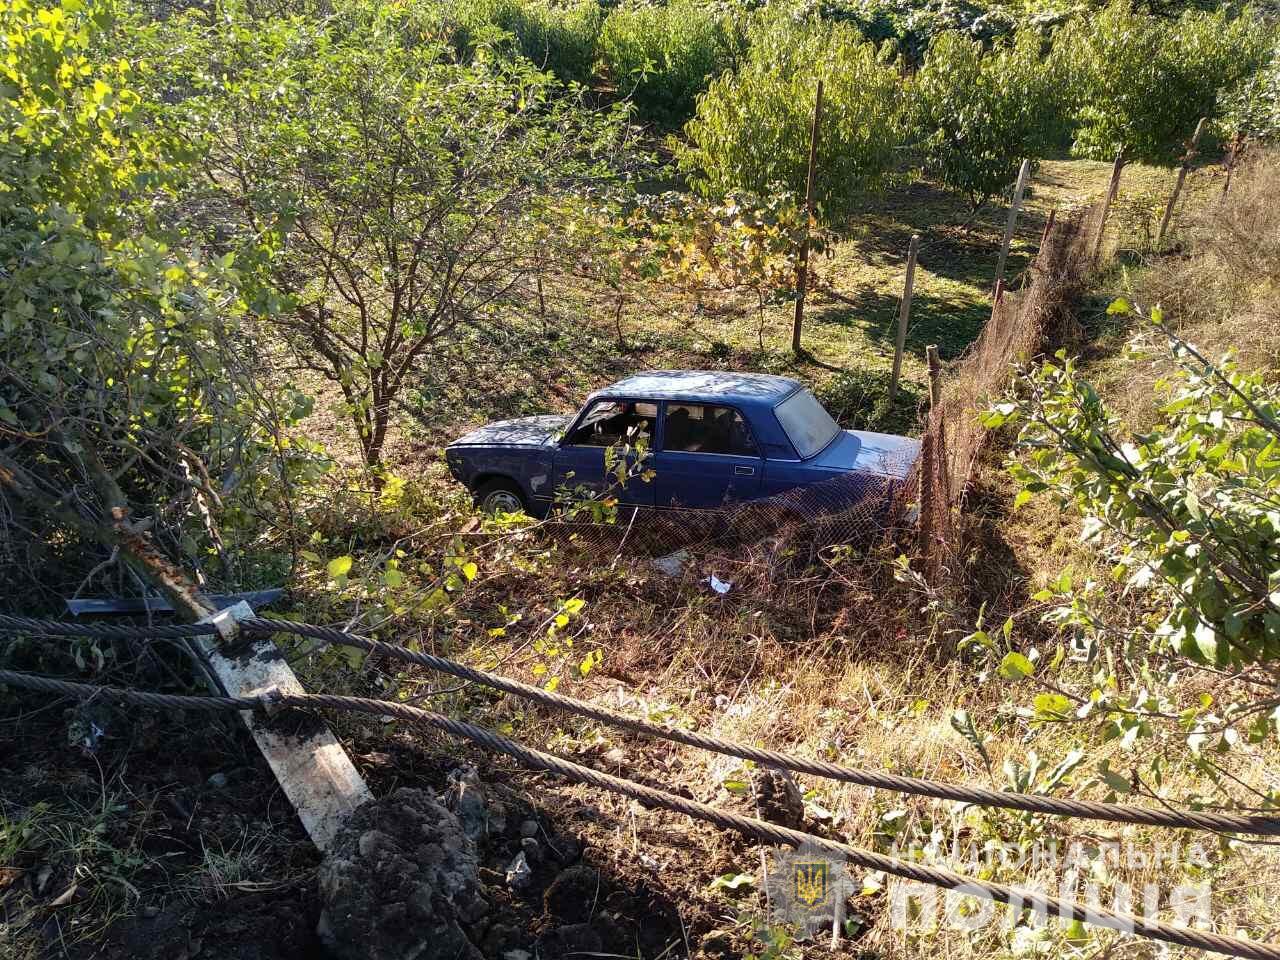 Компанія хлопців із села Вари, що на Берегівщині, вкрала машину у мешканця села Бадалово і потрапила у ДТП